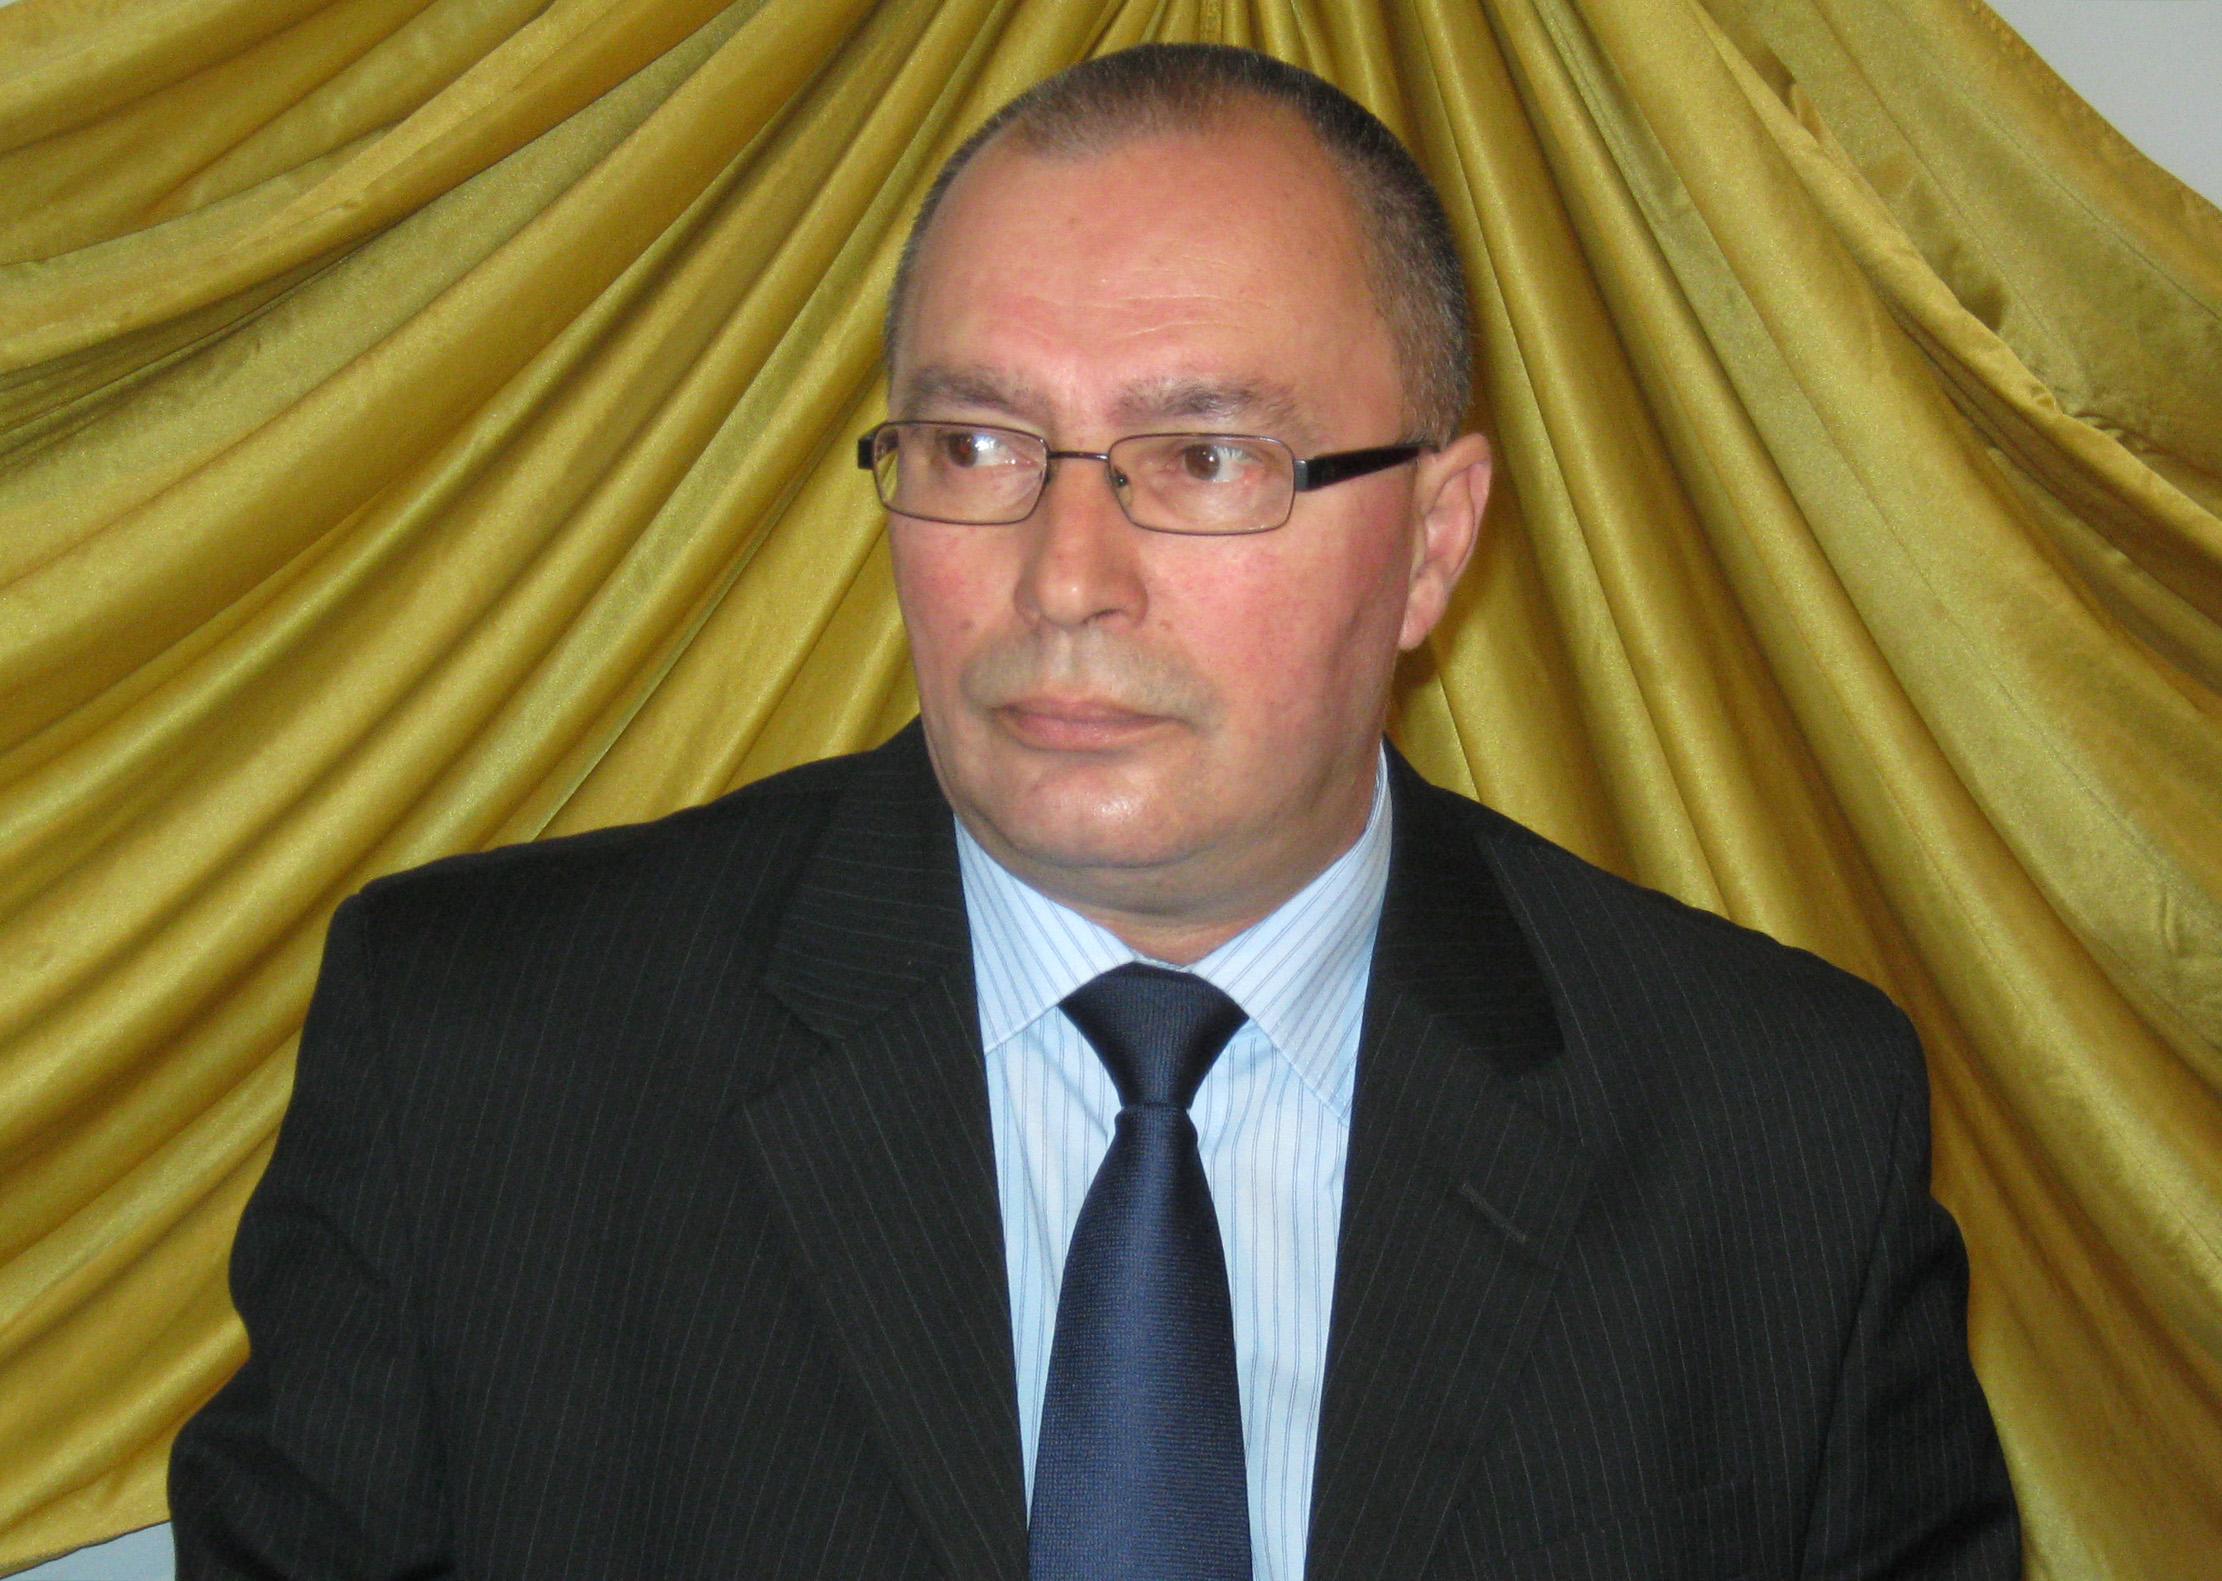 Prefectul judetului Maramures- acuzat ca se implica in politica. Sandu Pocol se disculpa